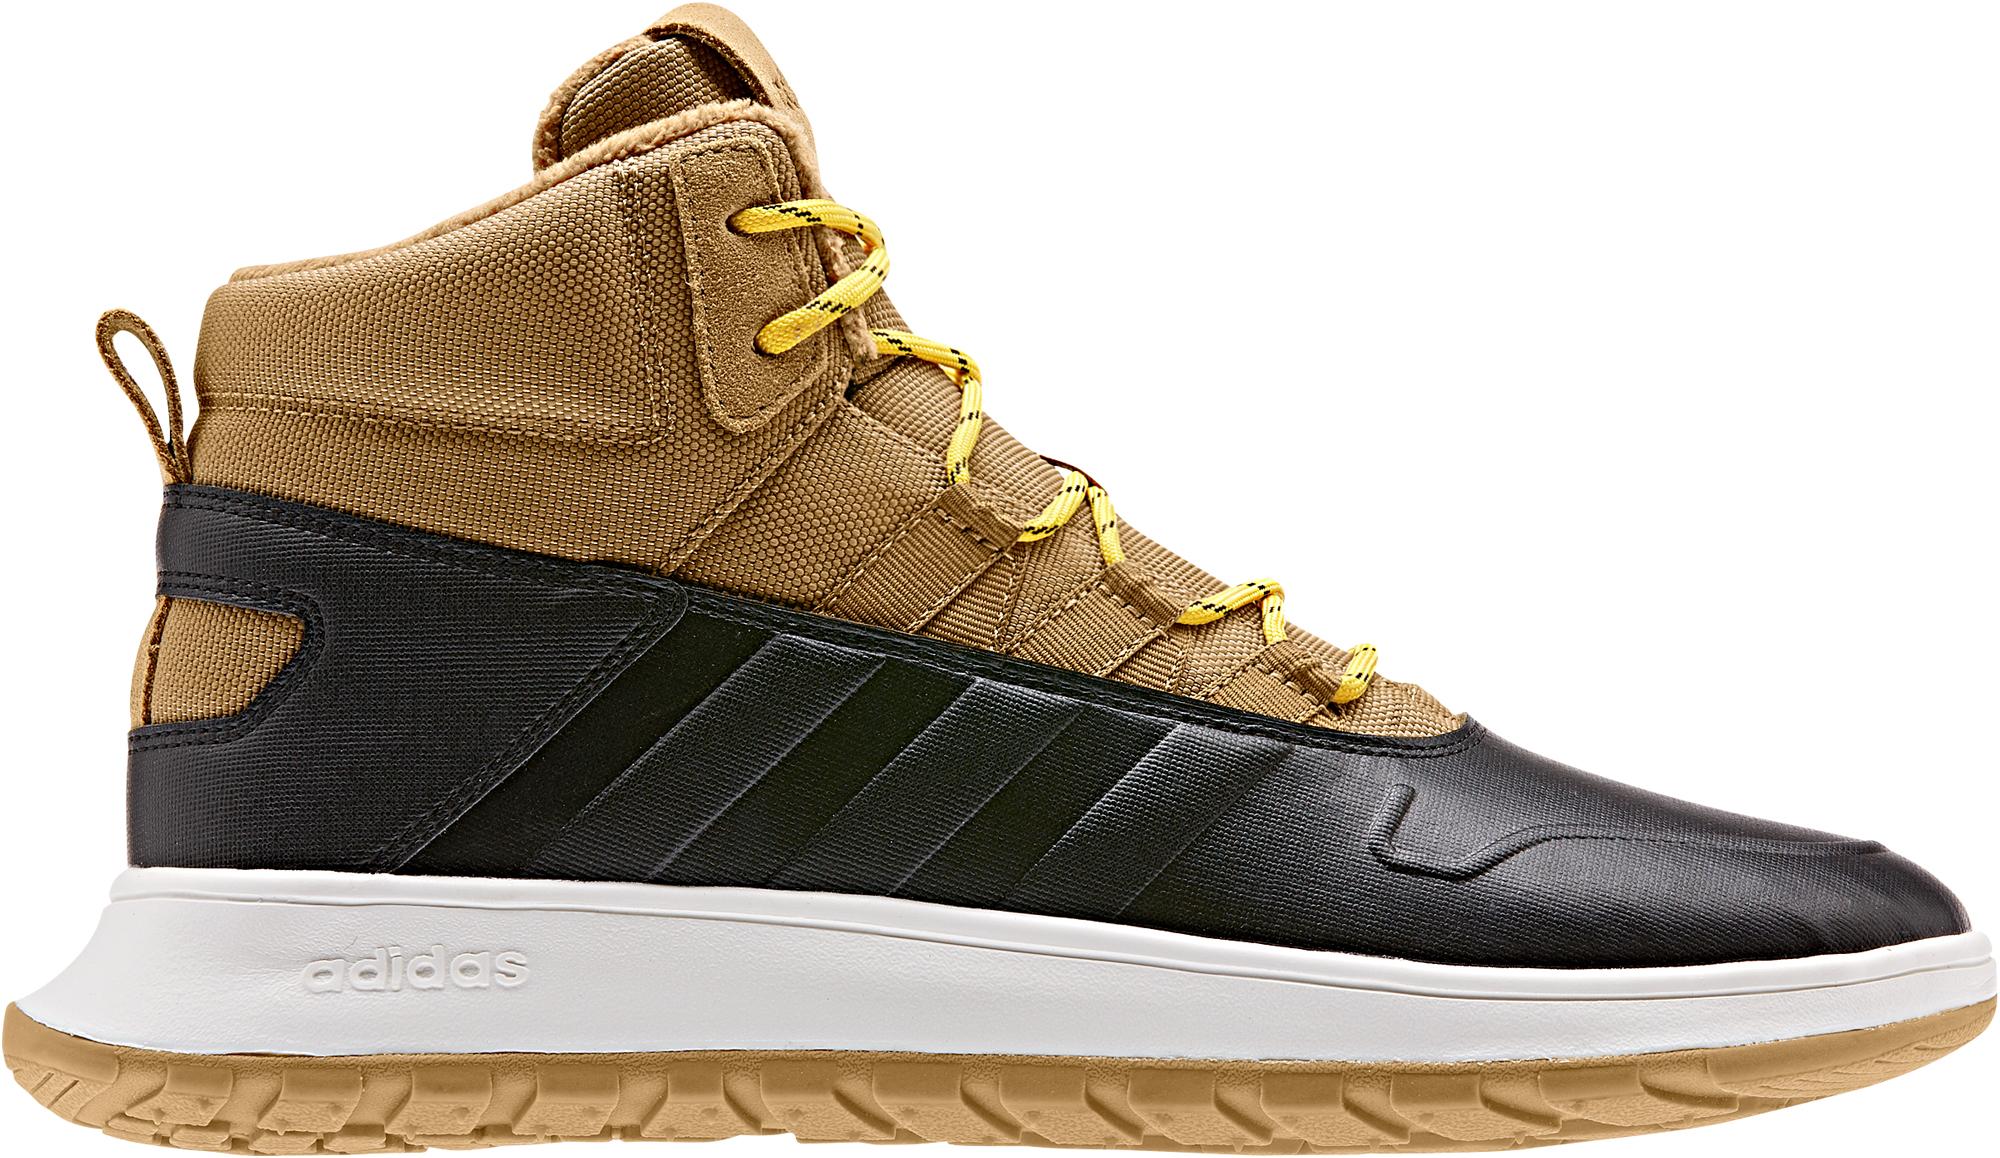 Adidas Кроссовки мужские Fusion Storm, размер 44,5